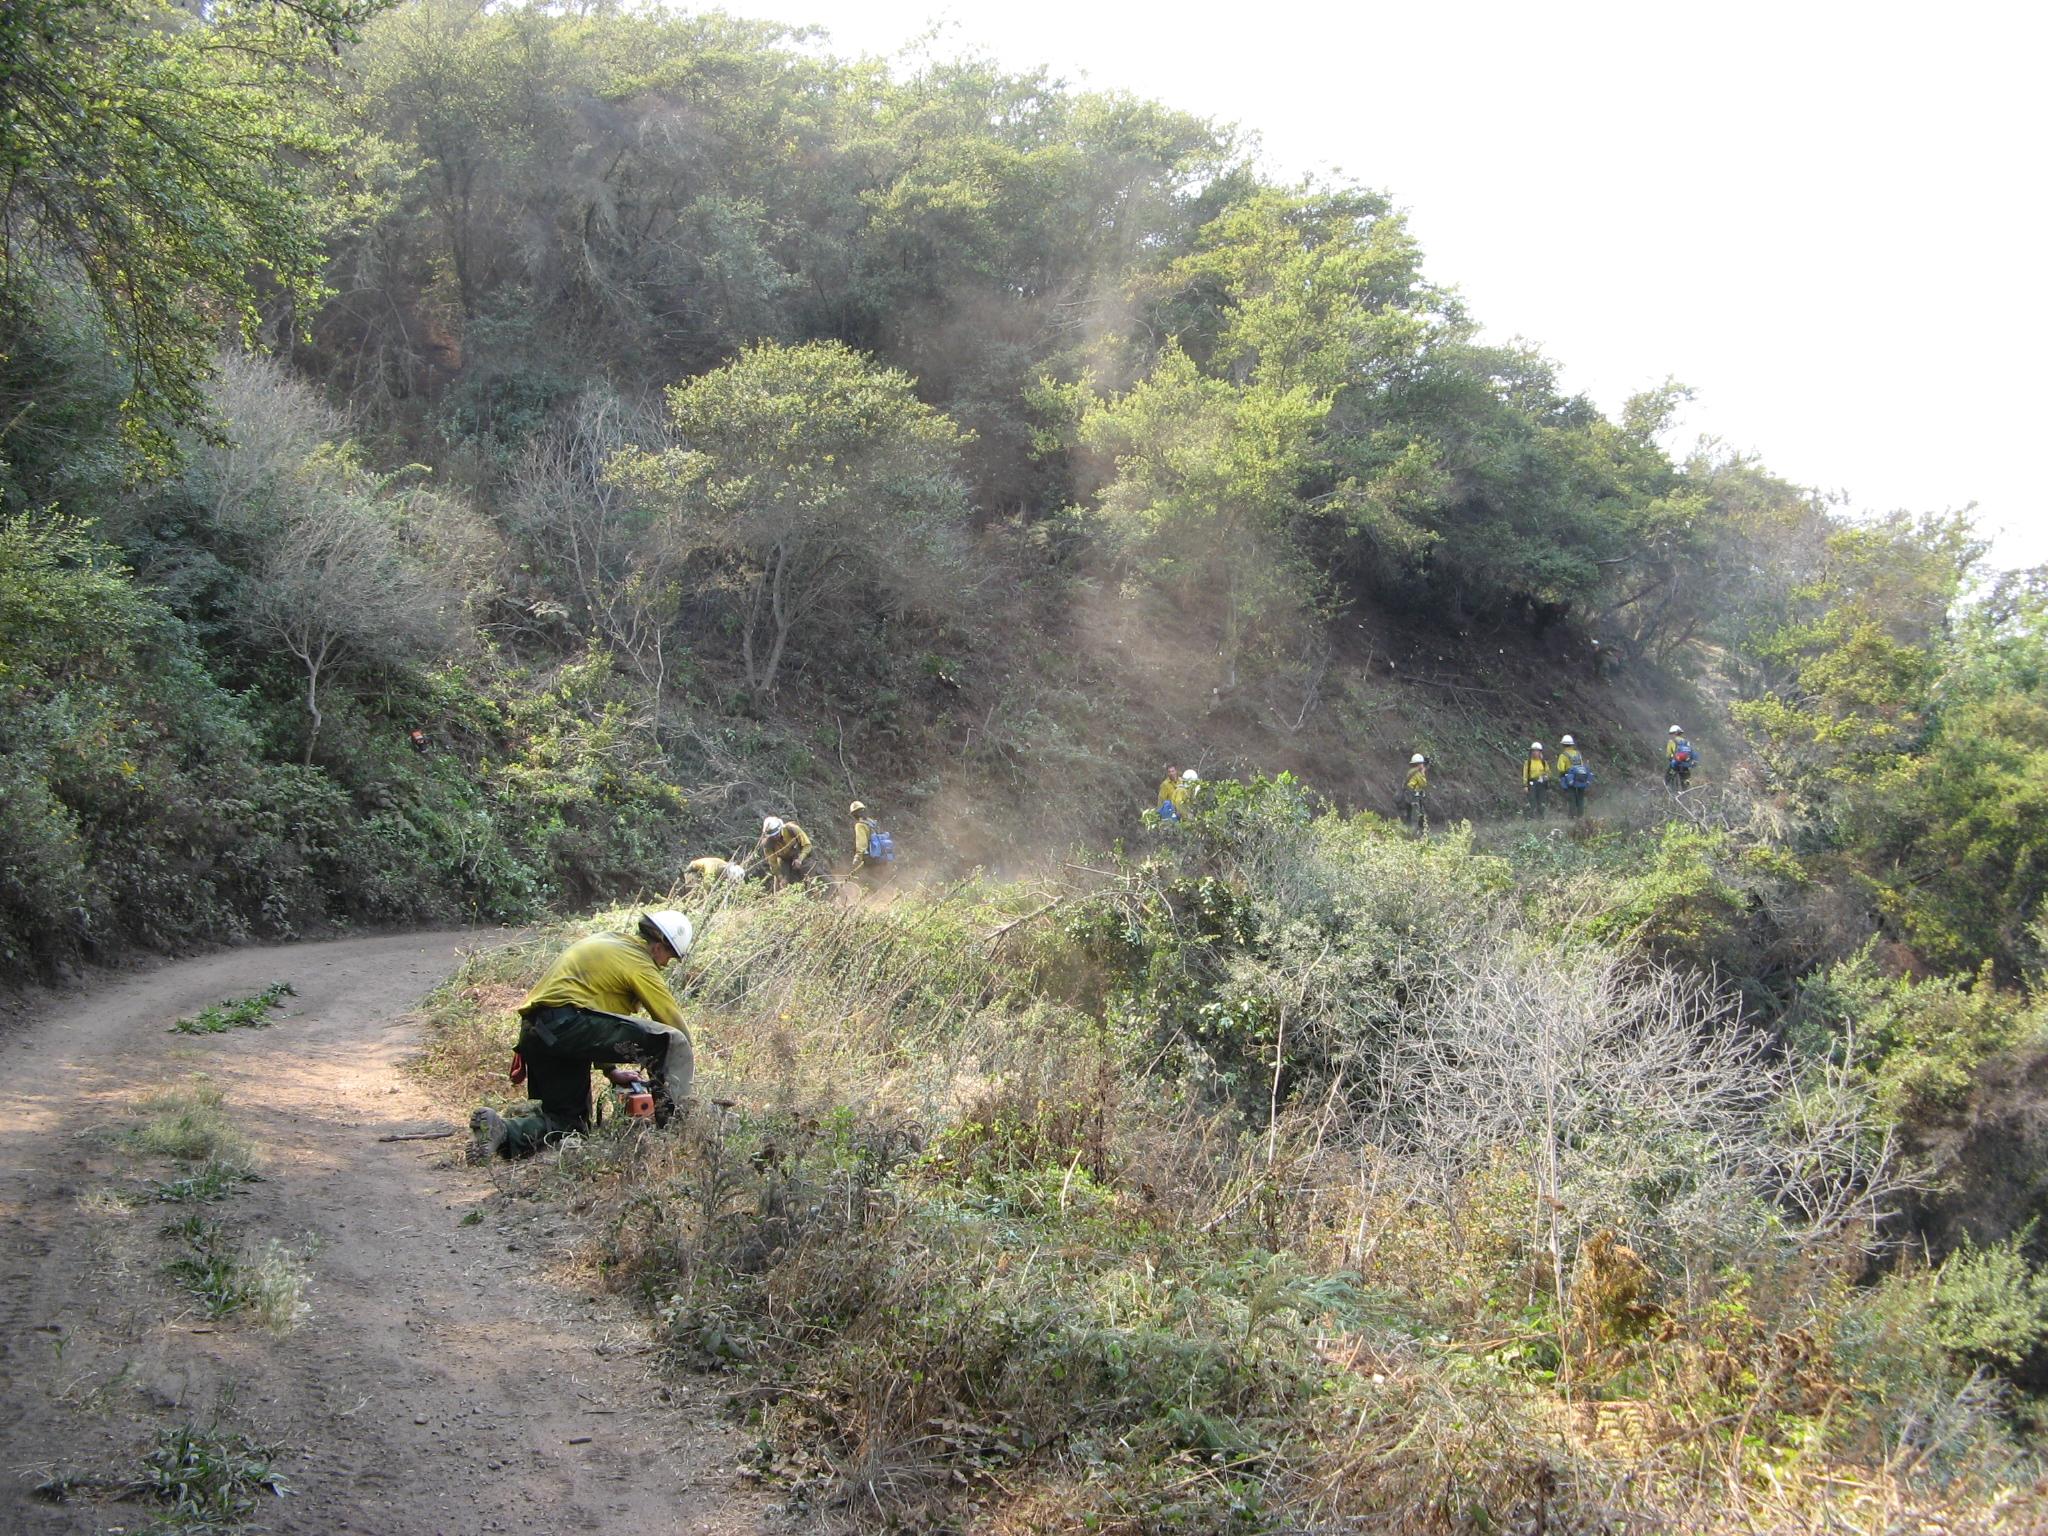 img_3142_hand-crew-brushing-road.jpg